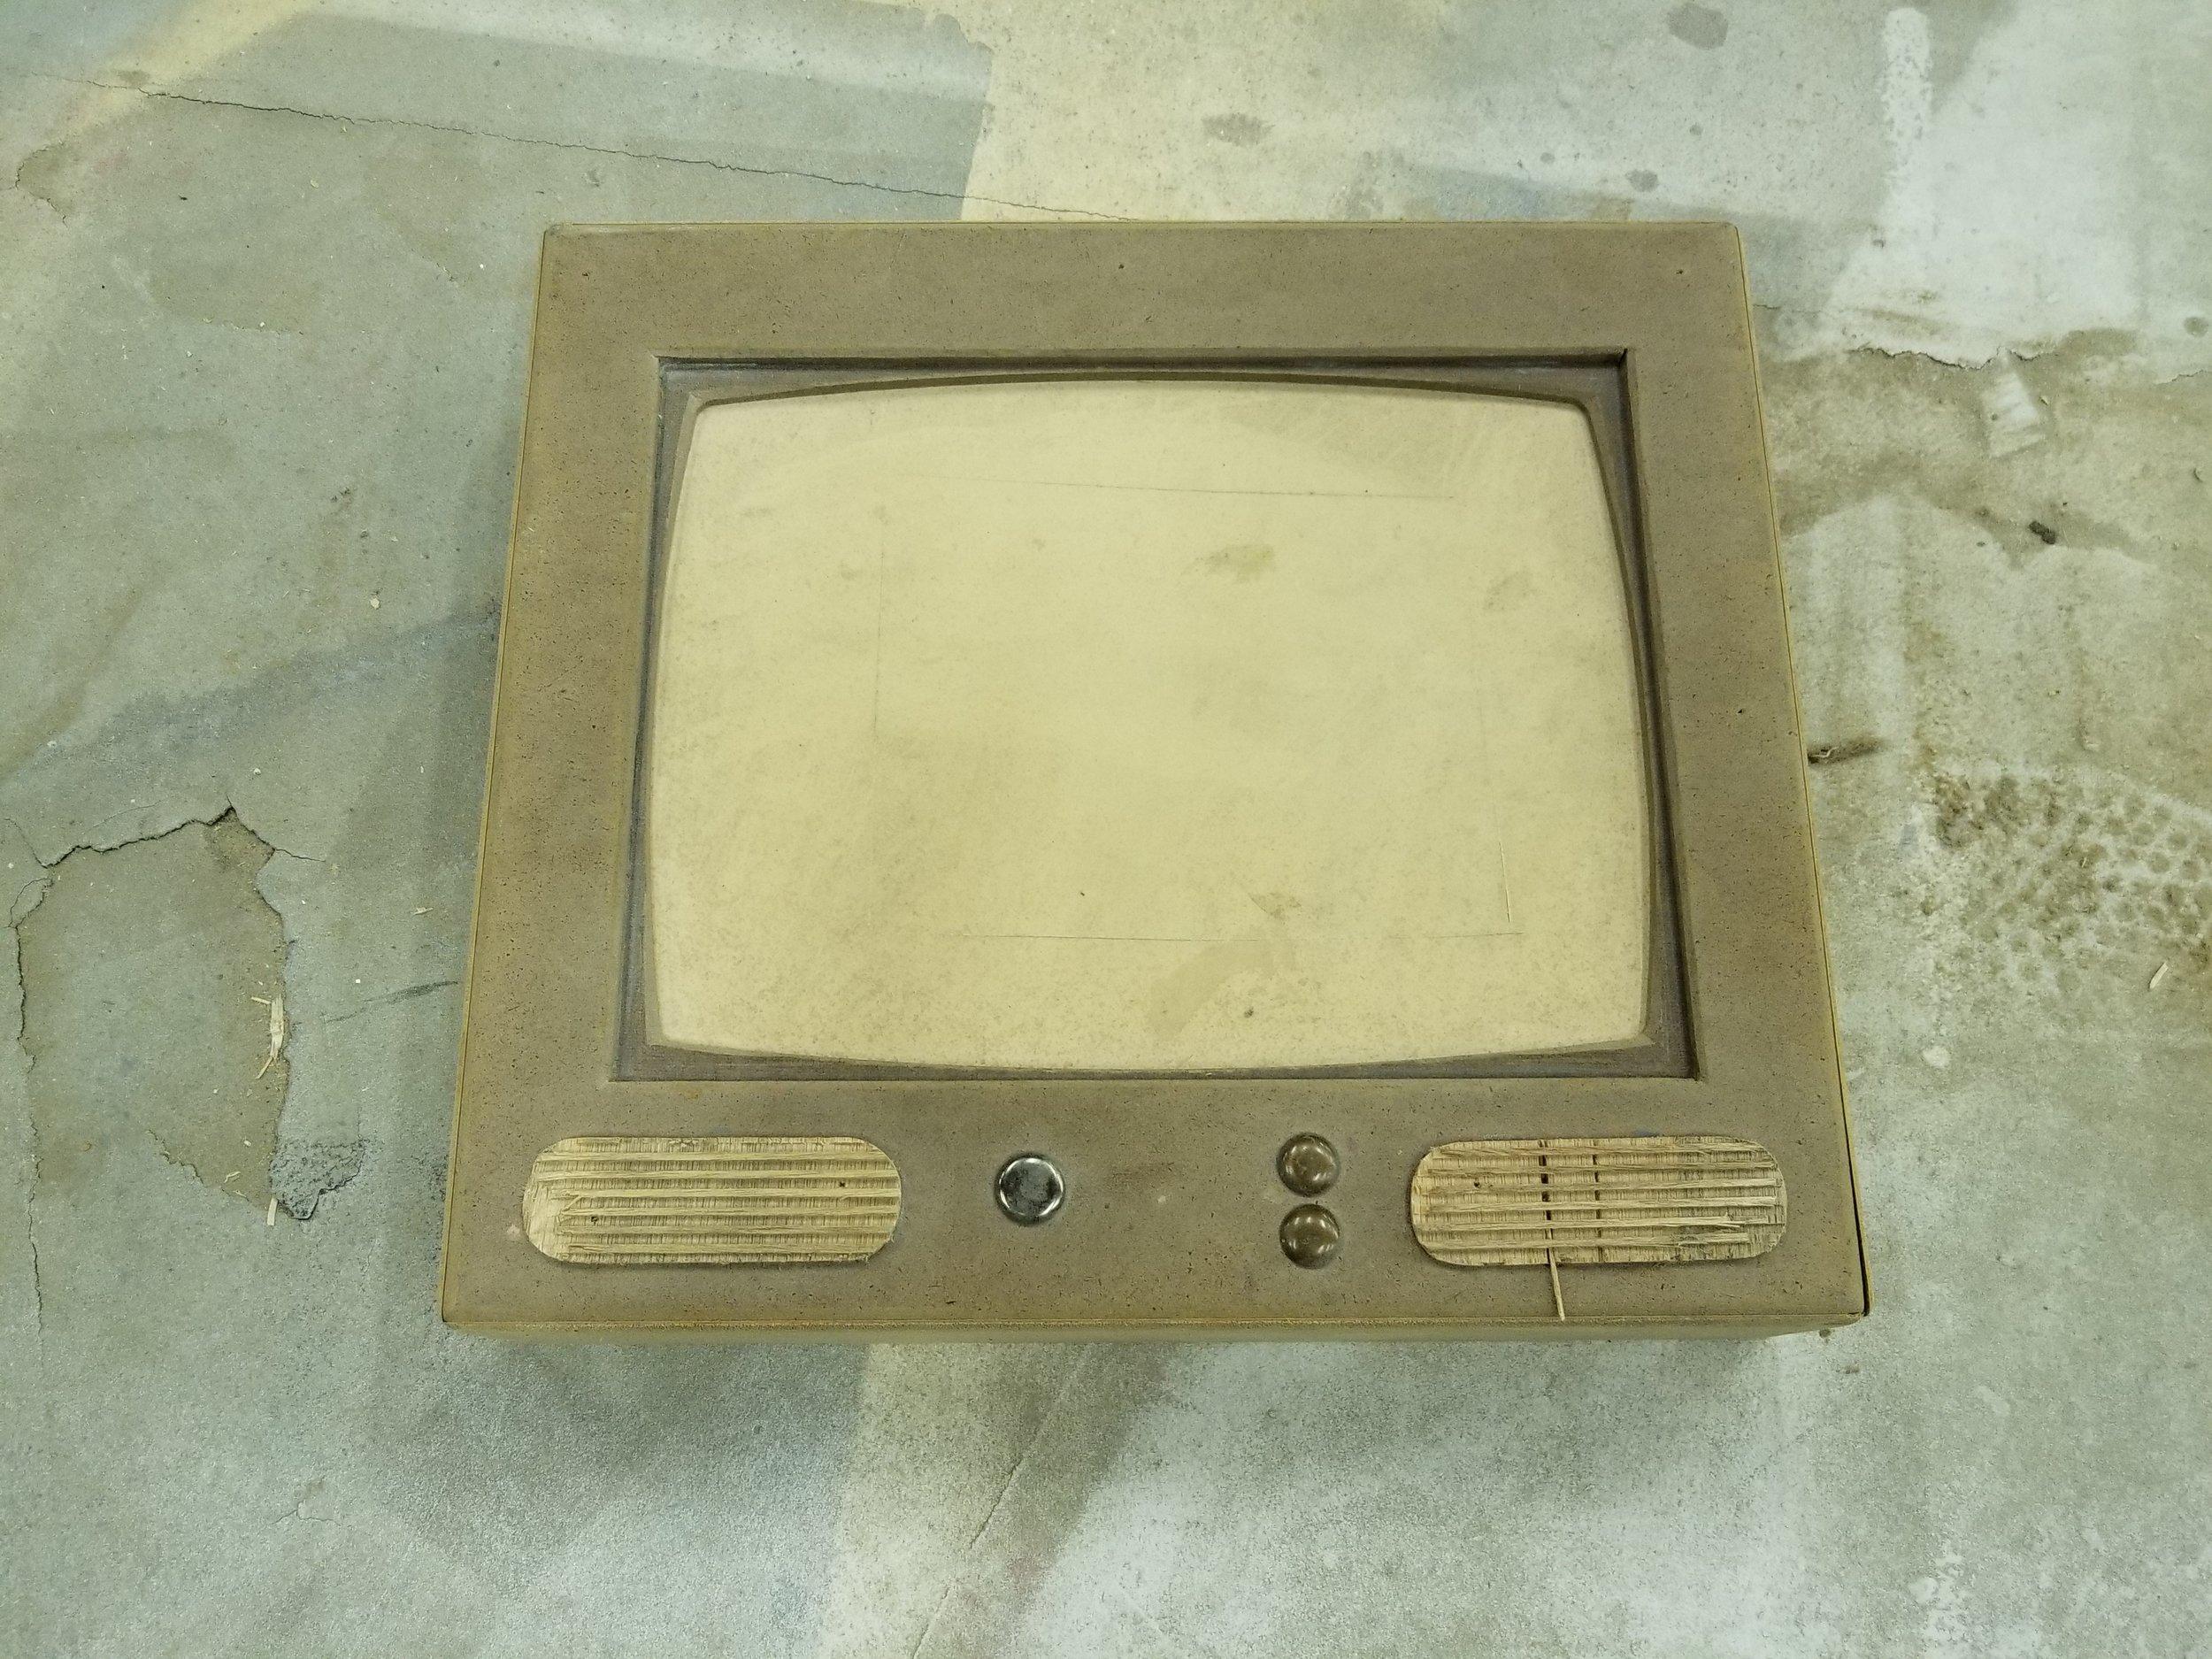 Miniature TV Mold